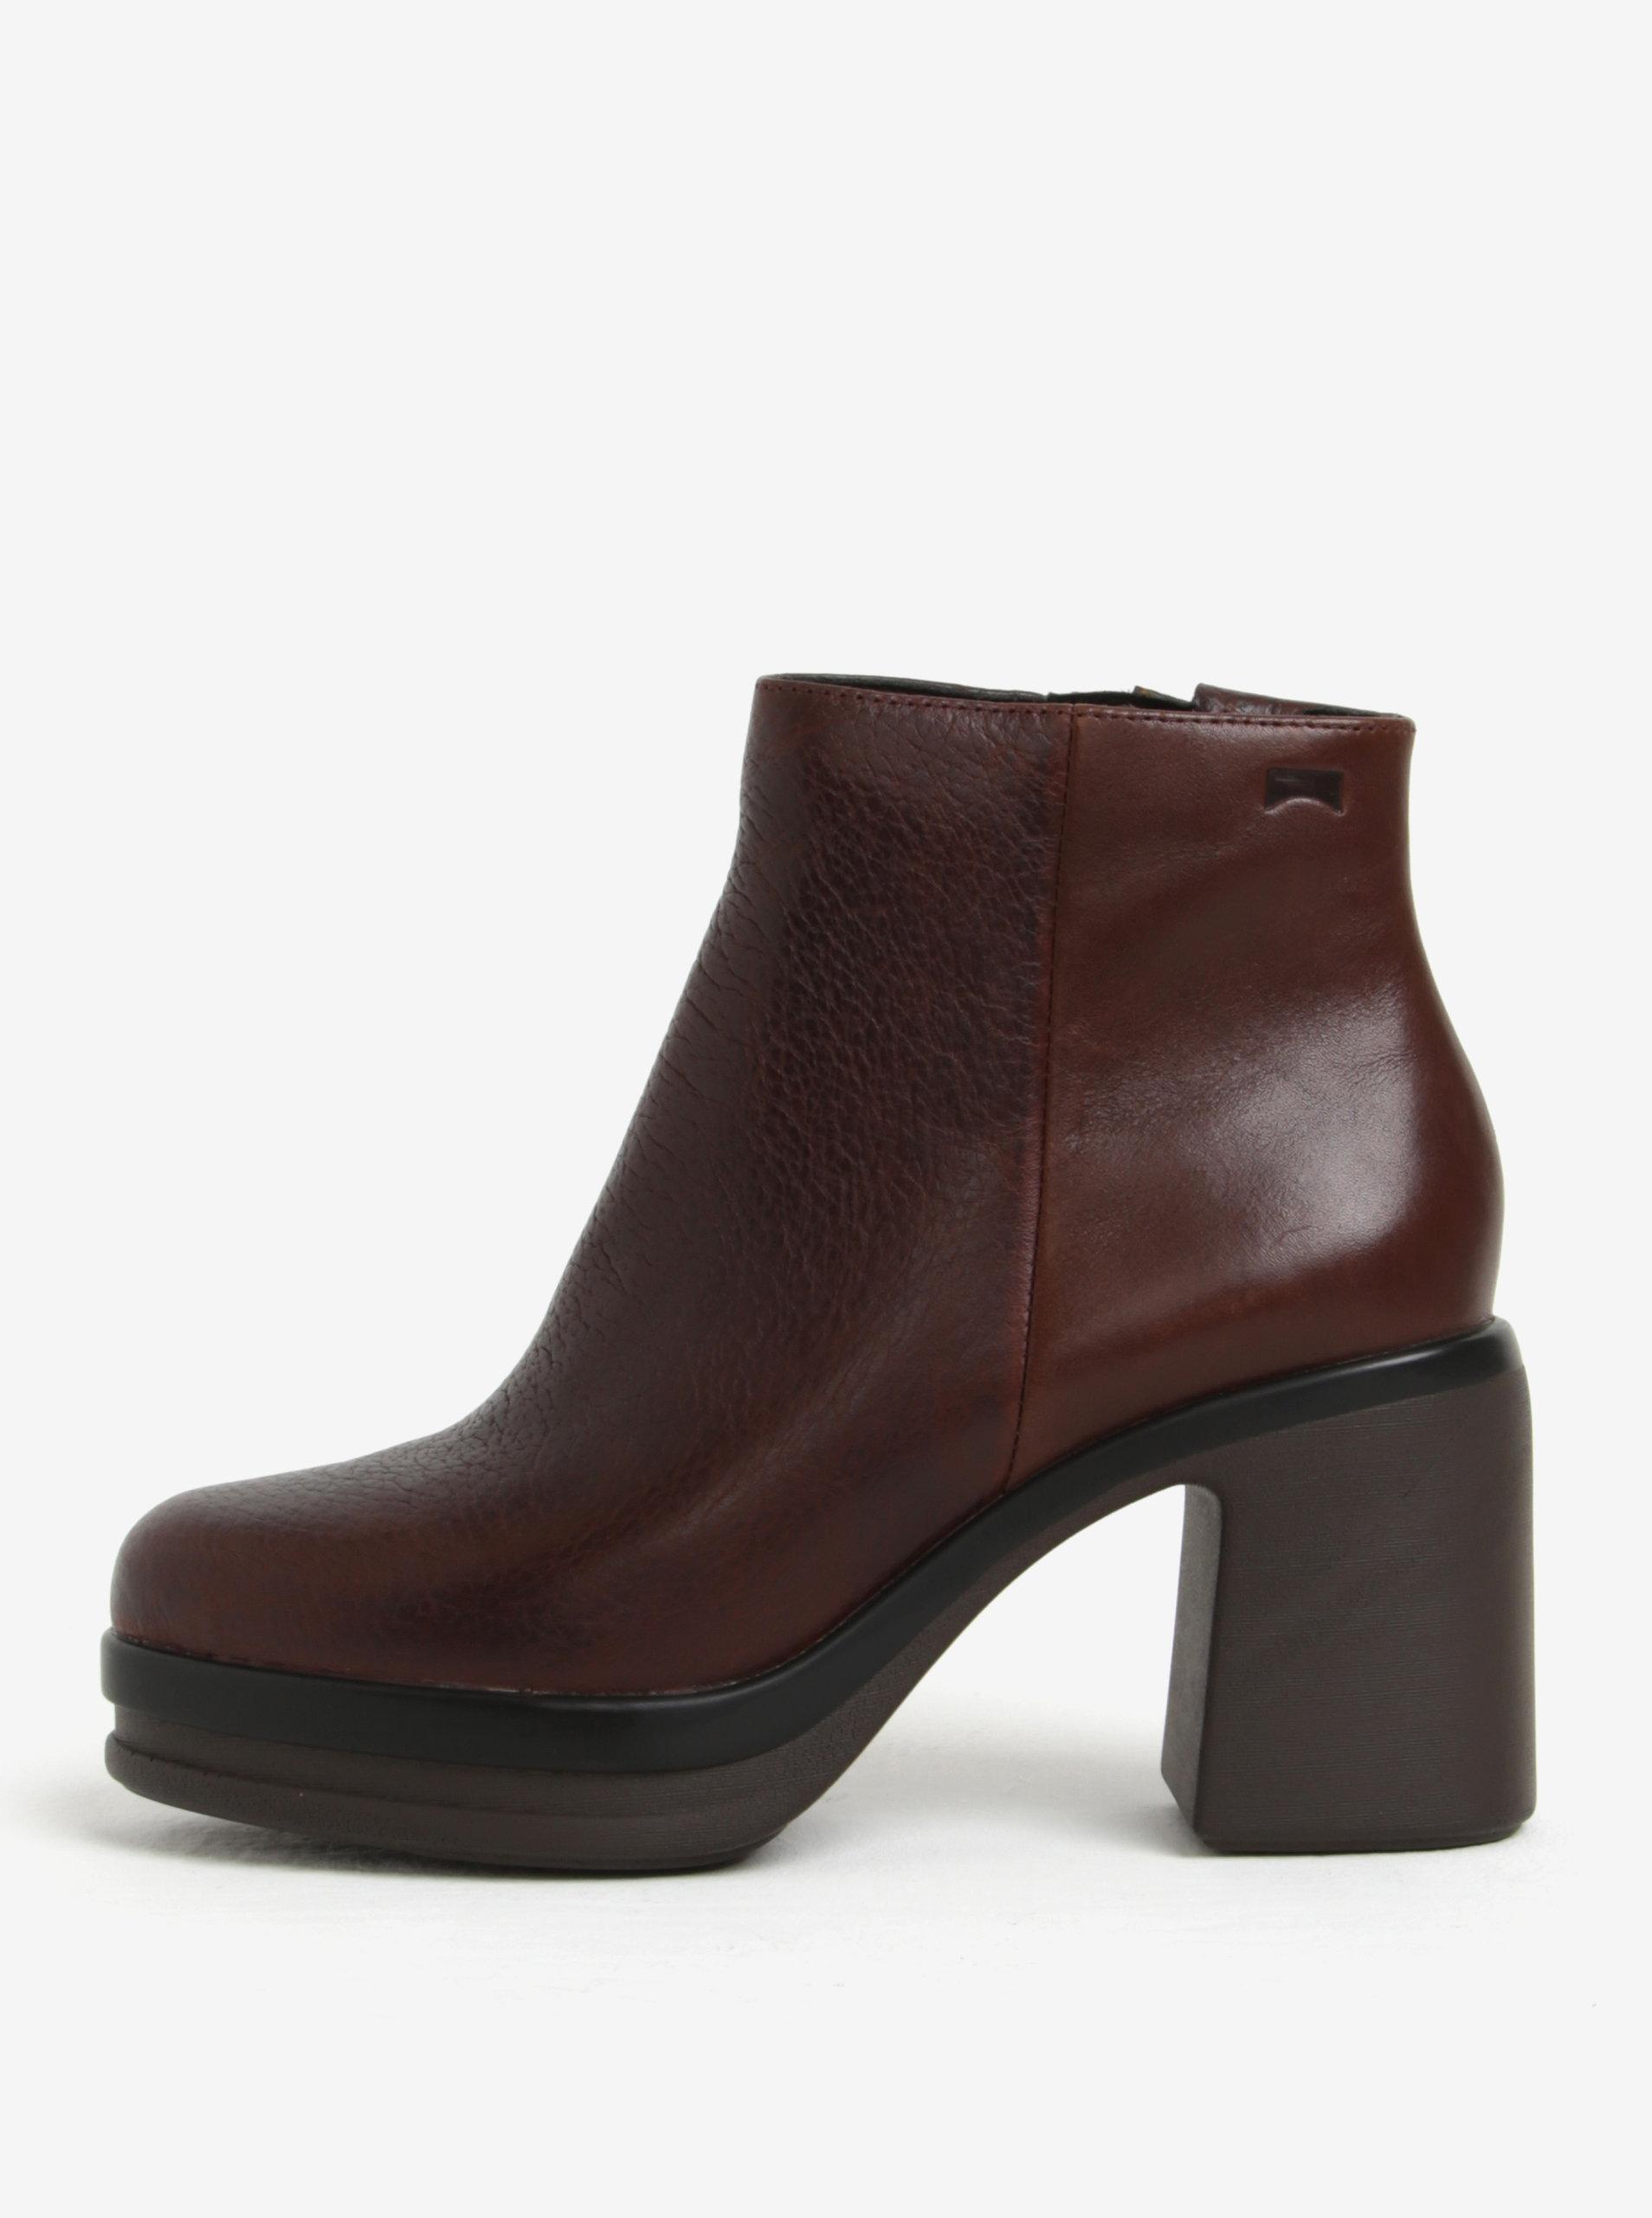 Hnědé dámské kotníkové kožené boty na podpatku Camper Cigar ... ea4ea9f943